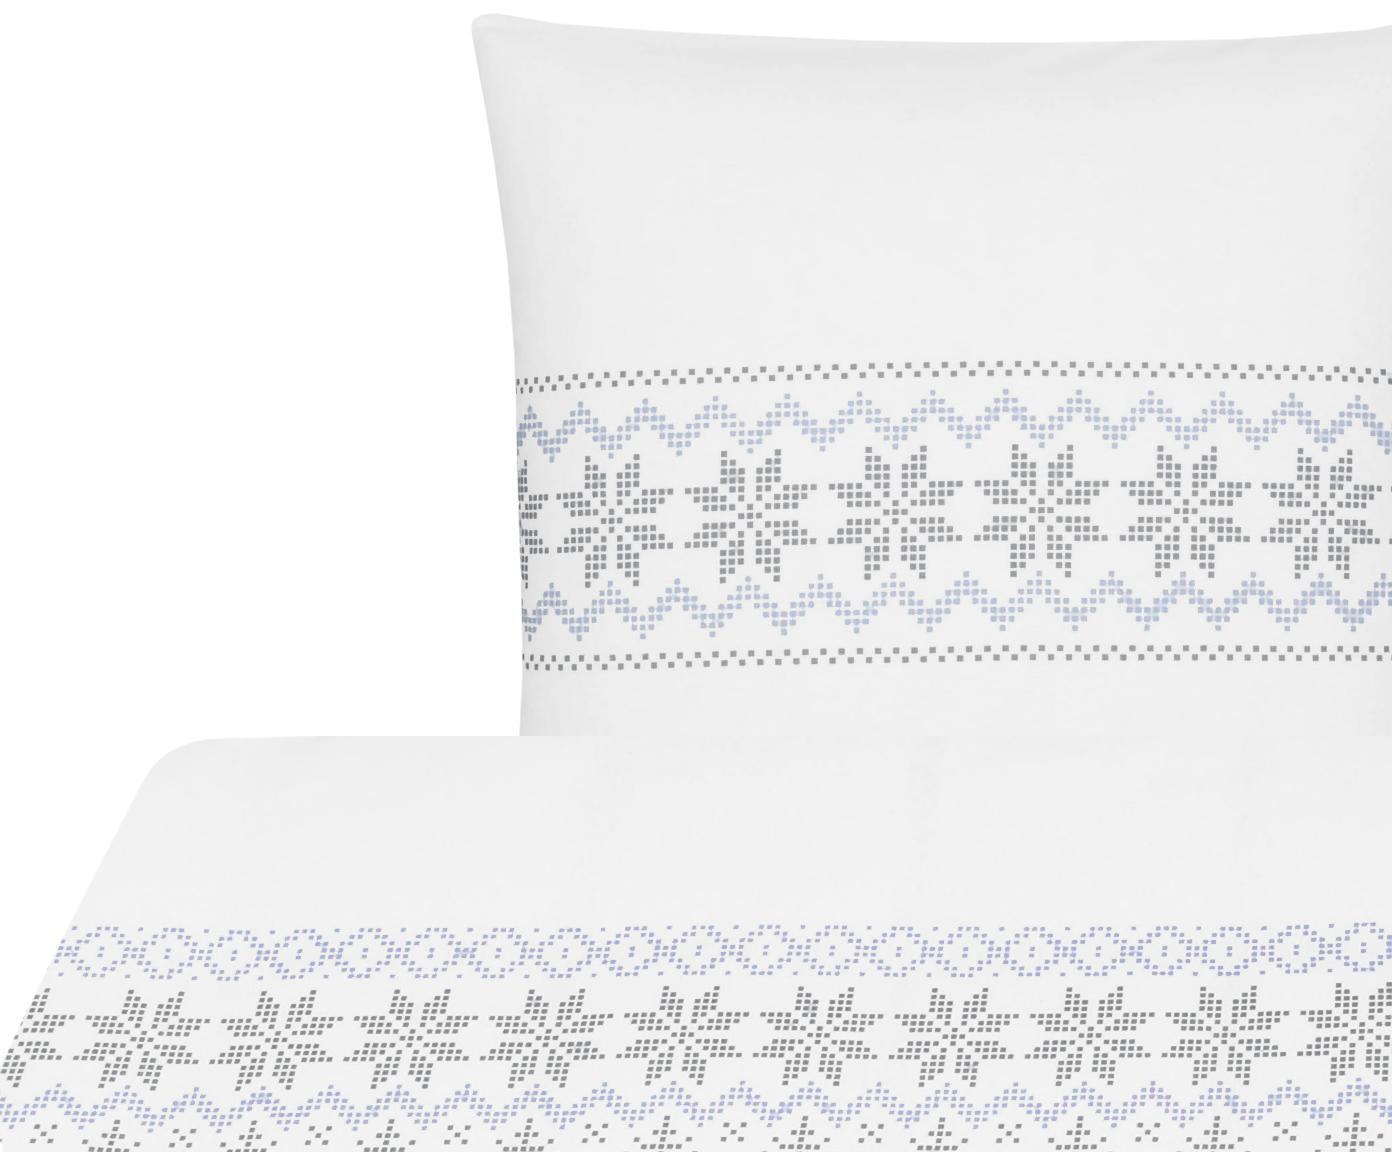 Flanell-Bettwäsche Finja mit Muster, Webart: Flanell Flanell ist ein s, Weiss, Grau, Hellblau, 155 x 220 cm + 1 Kissen 80 x 80 cm